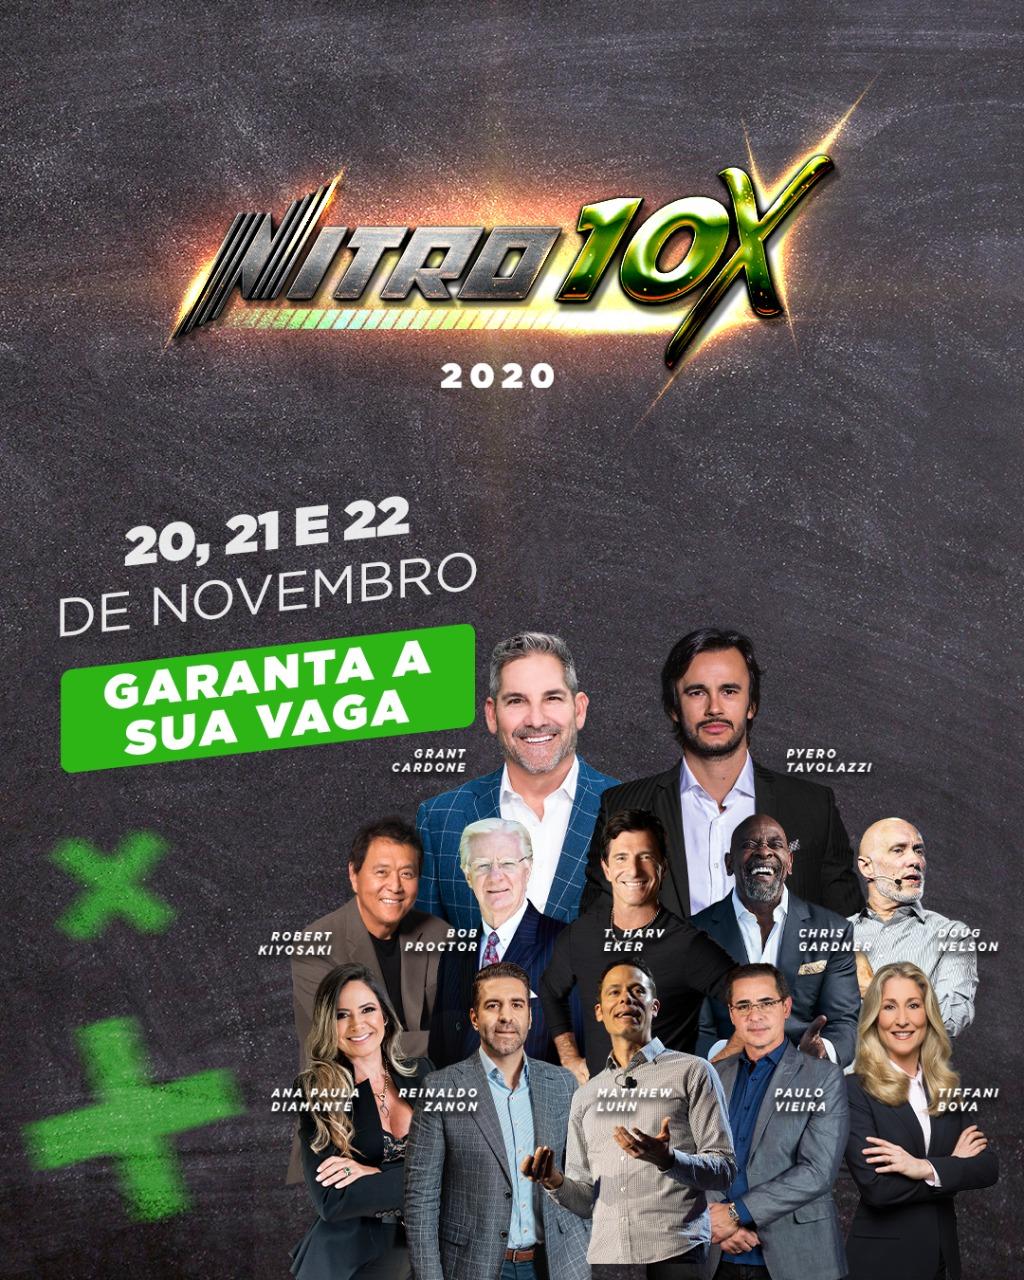 Nitro 10X - 2020